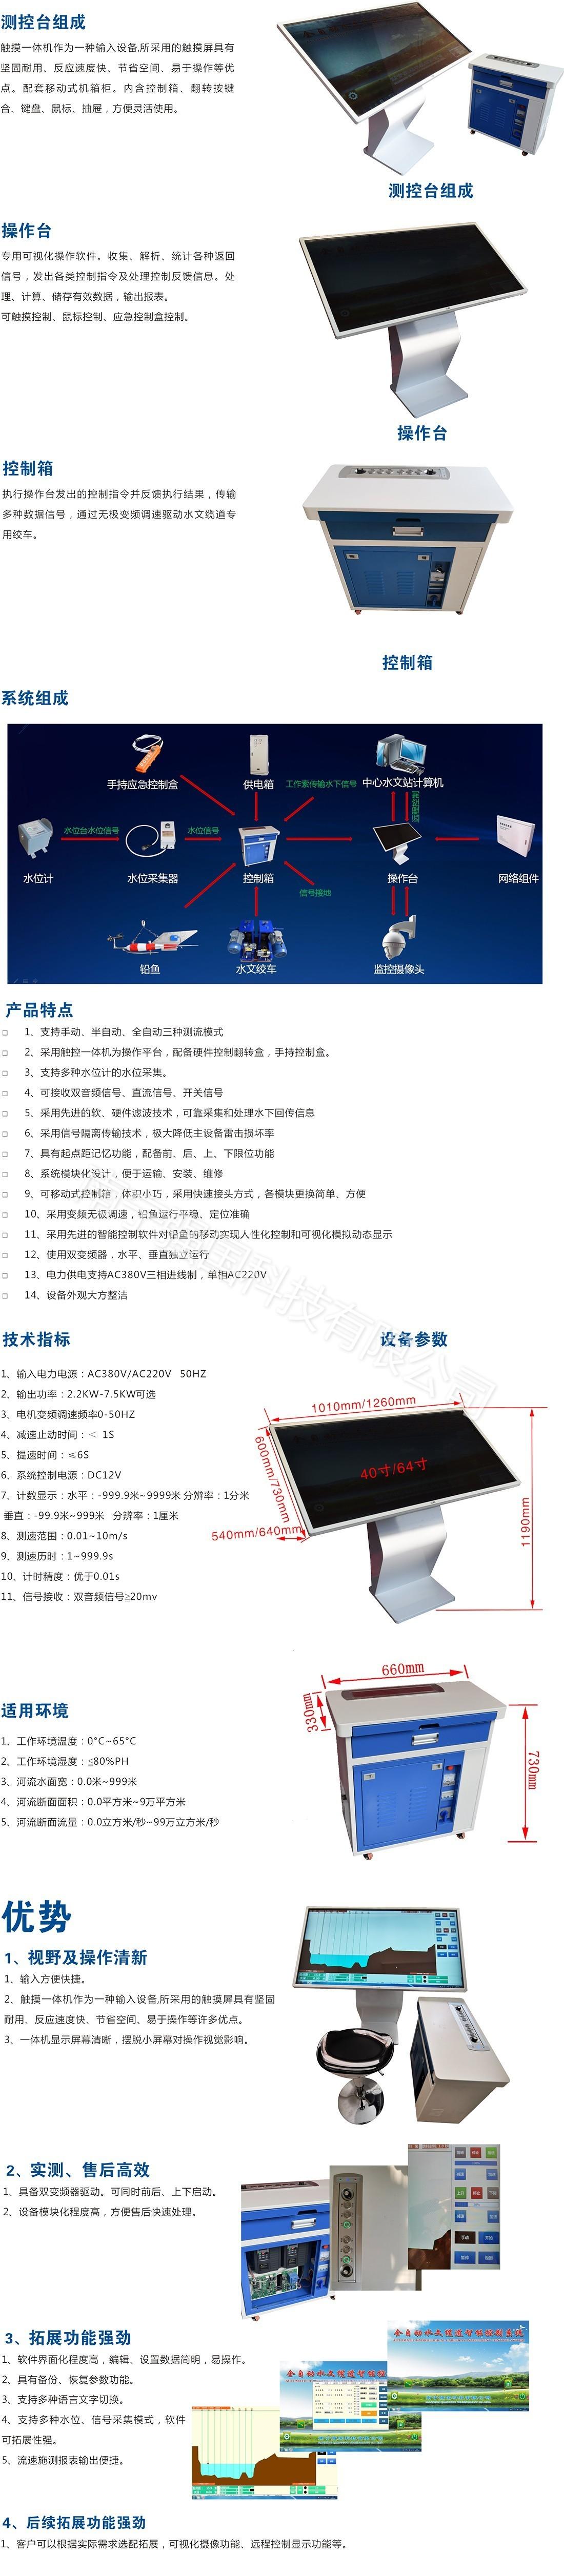 水文缆道测控台 QGXLQ 103